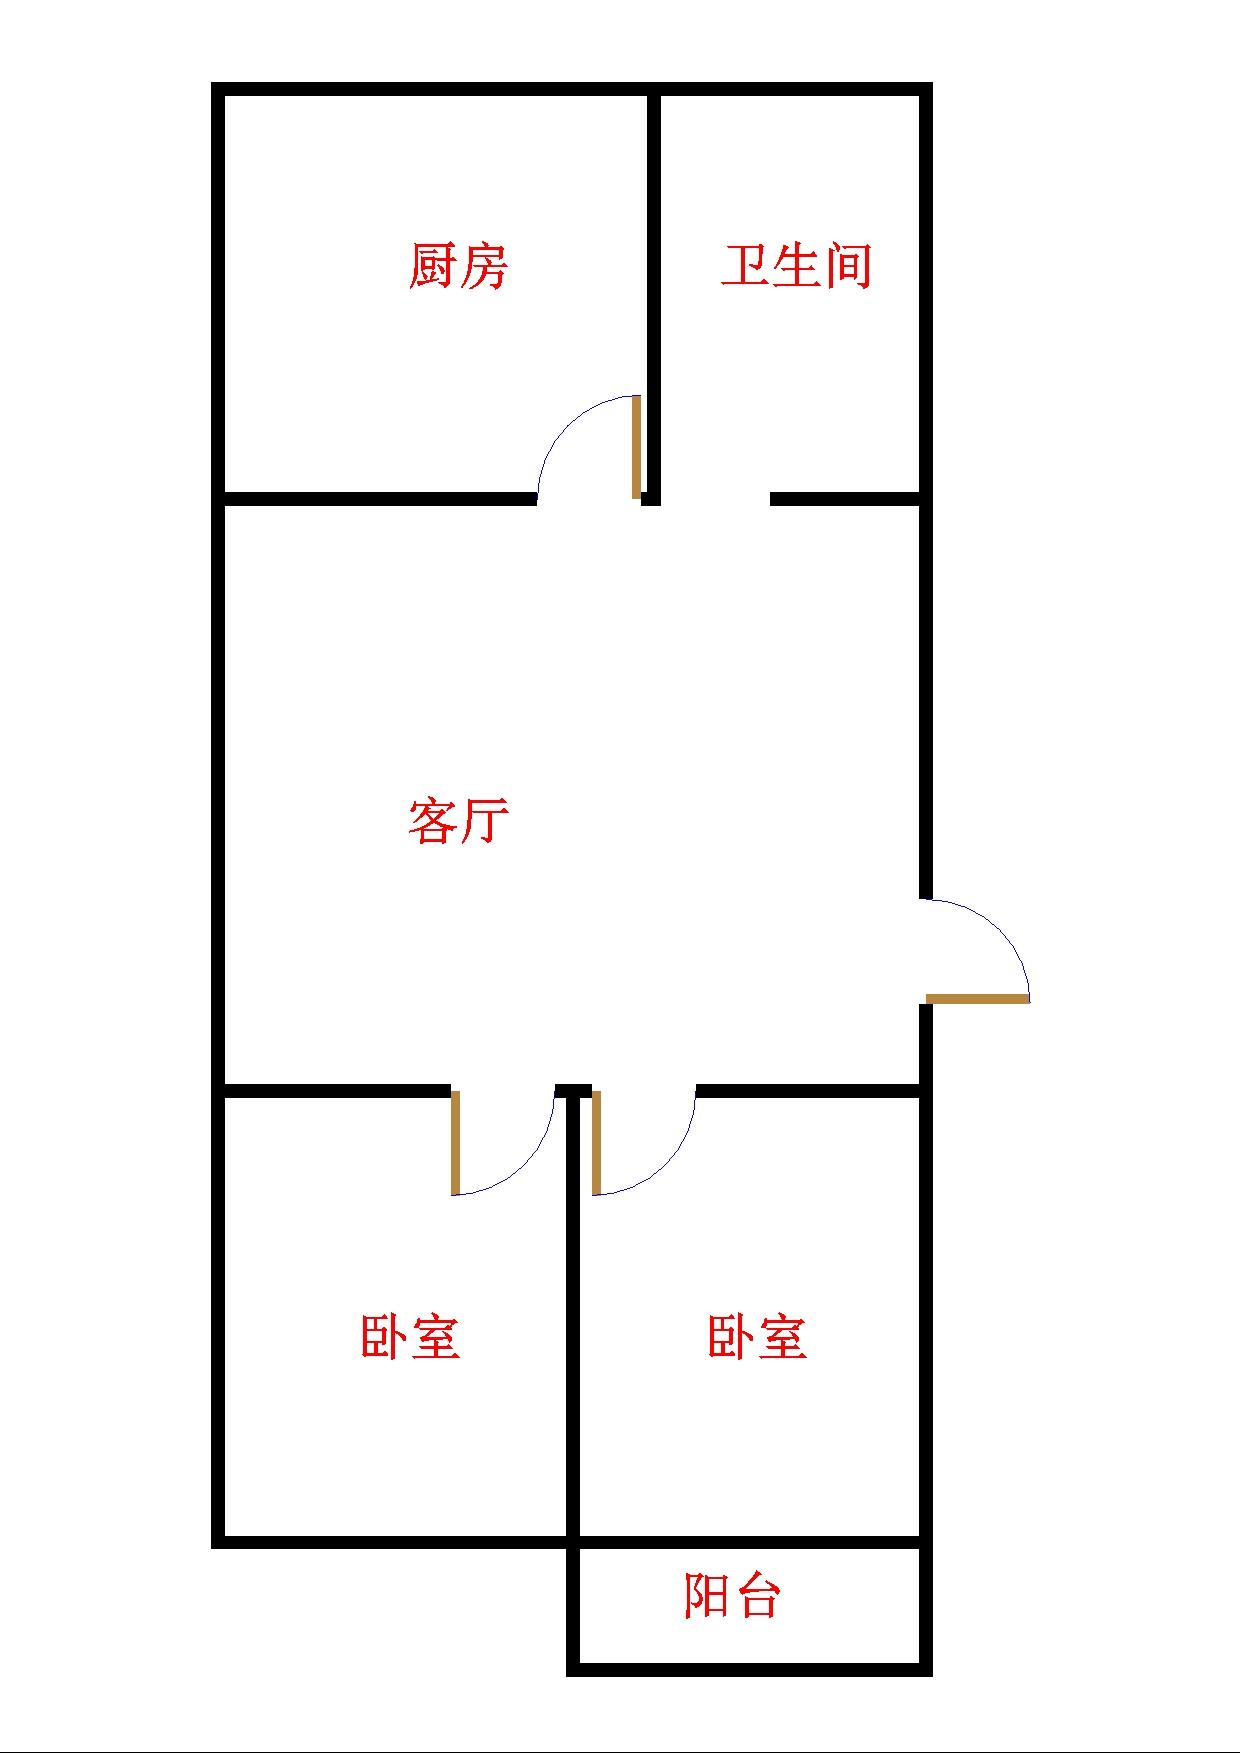 北园小区 2室1厅 6楼